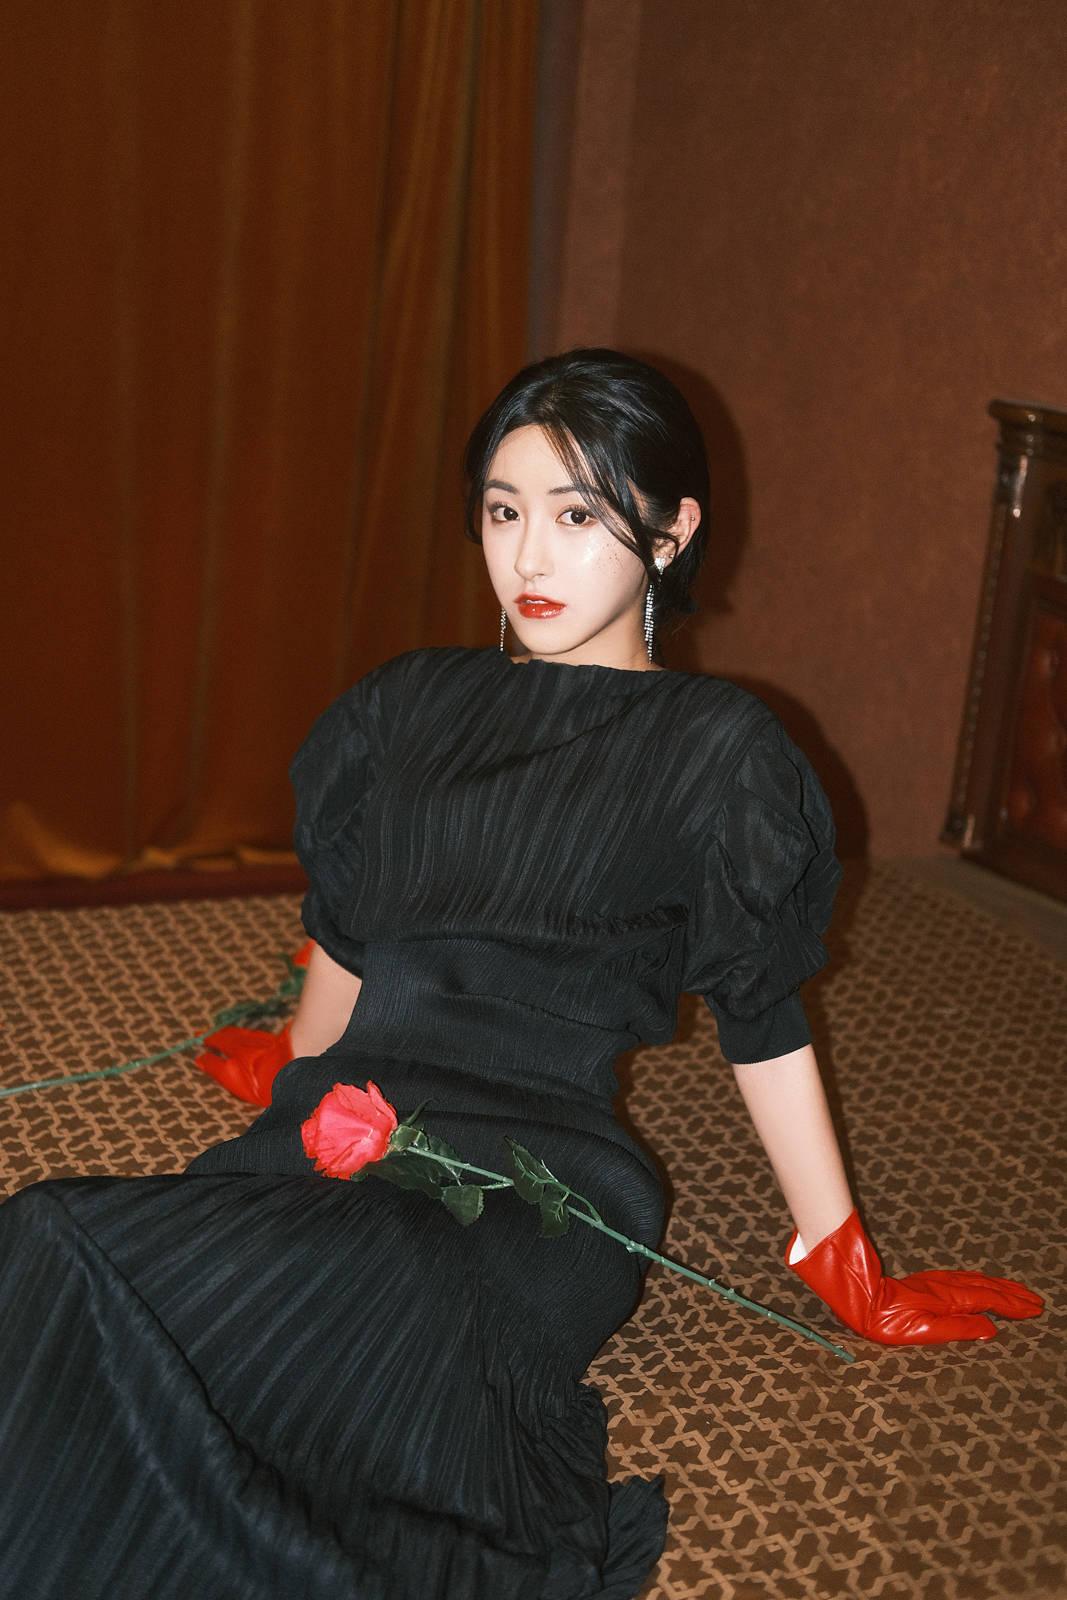 朱圣祎复古胶片写真阻挡里绽放的玫瑰